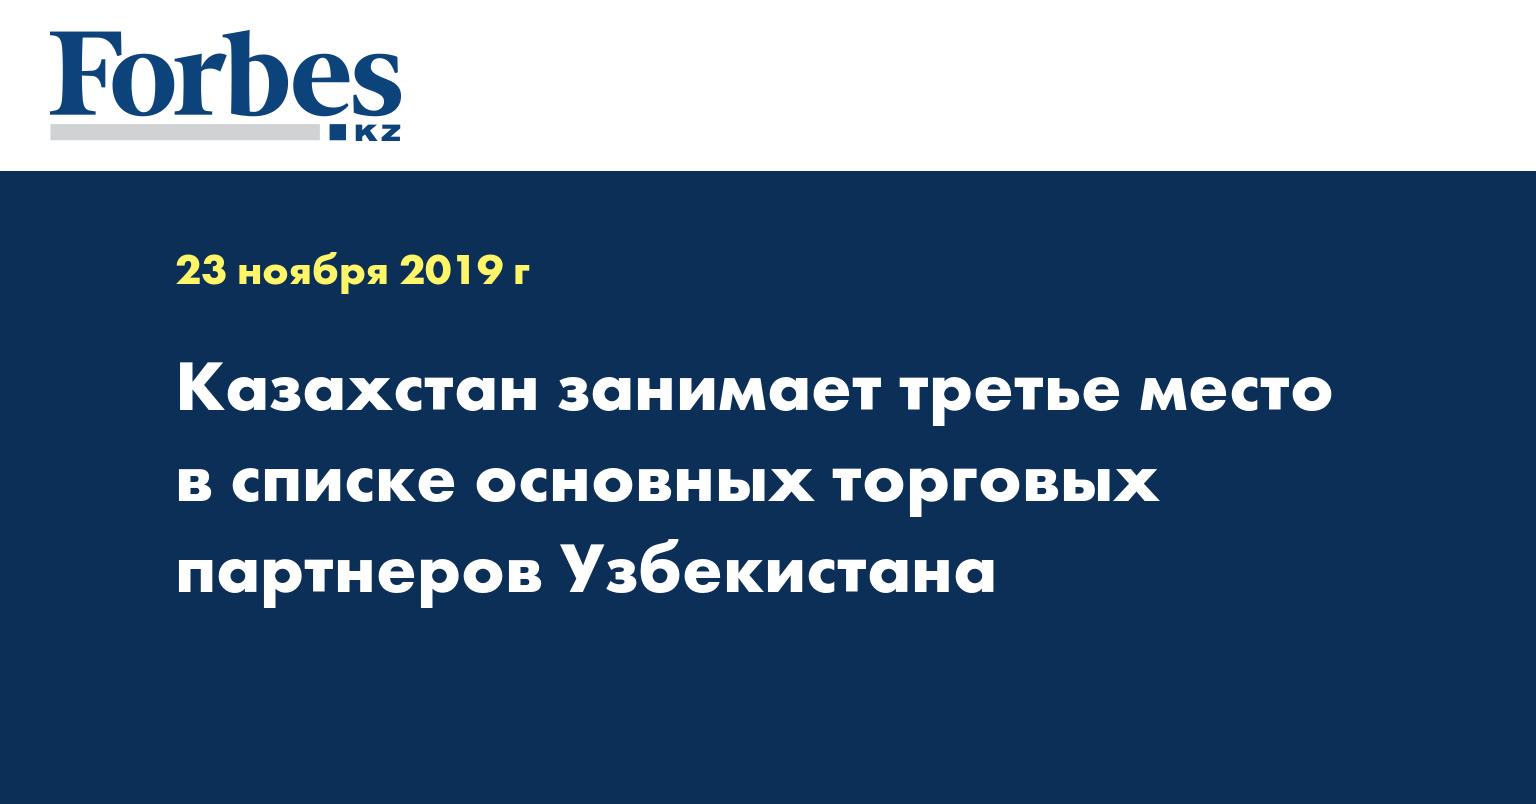 Казахстан занимает третье место в списке основных торговых партнеров Узбекистана